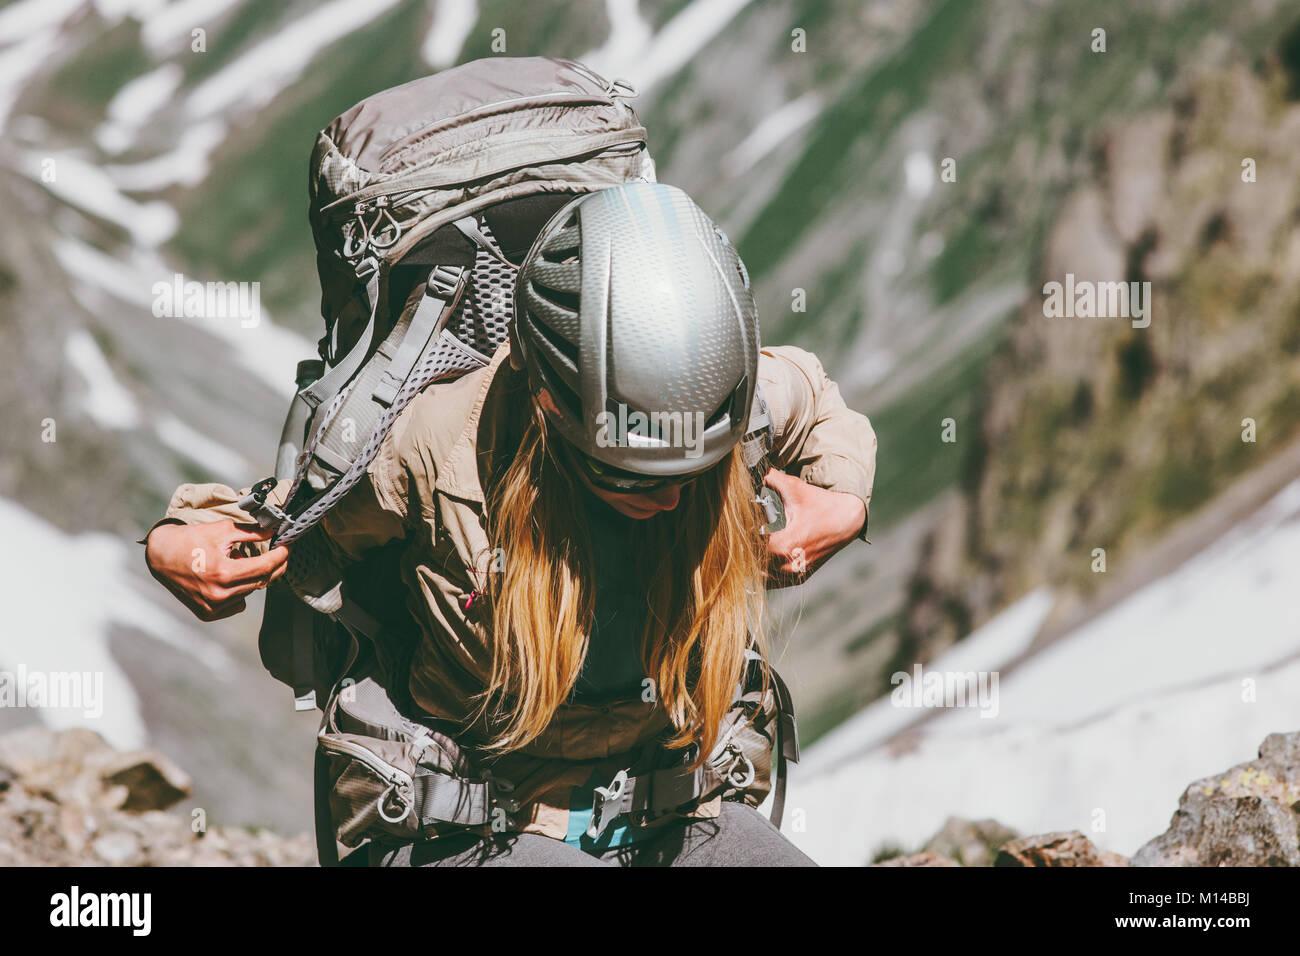 Mujer con mochila de senderismo en las montañas de viajes de aventura en el estilo de vida saludable concepto Imagen De Stock